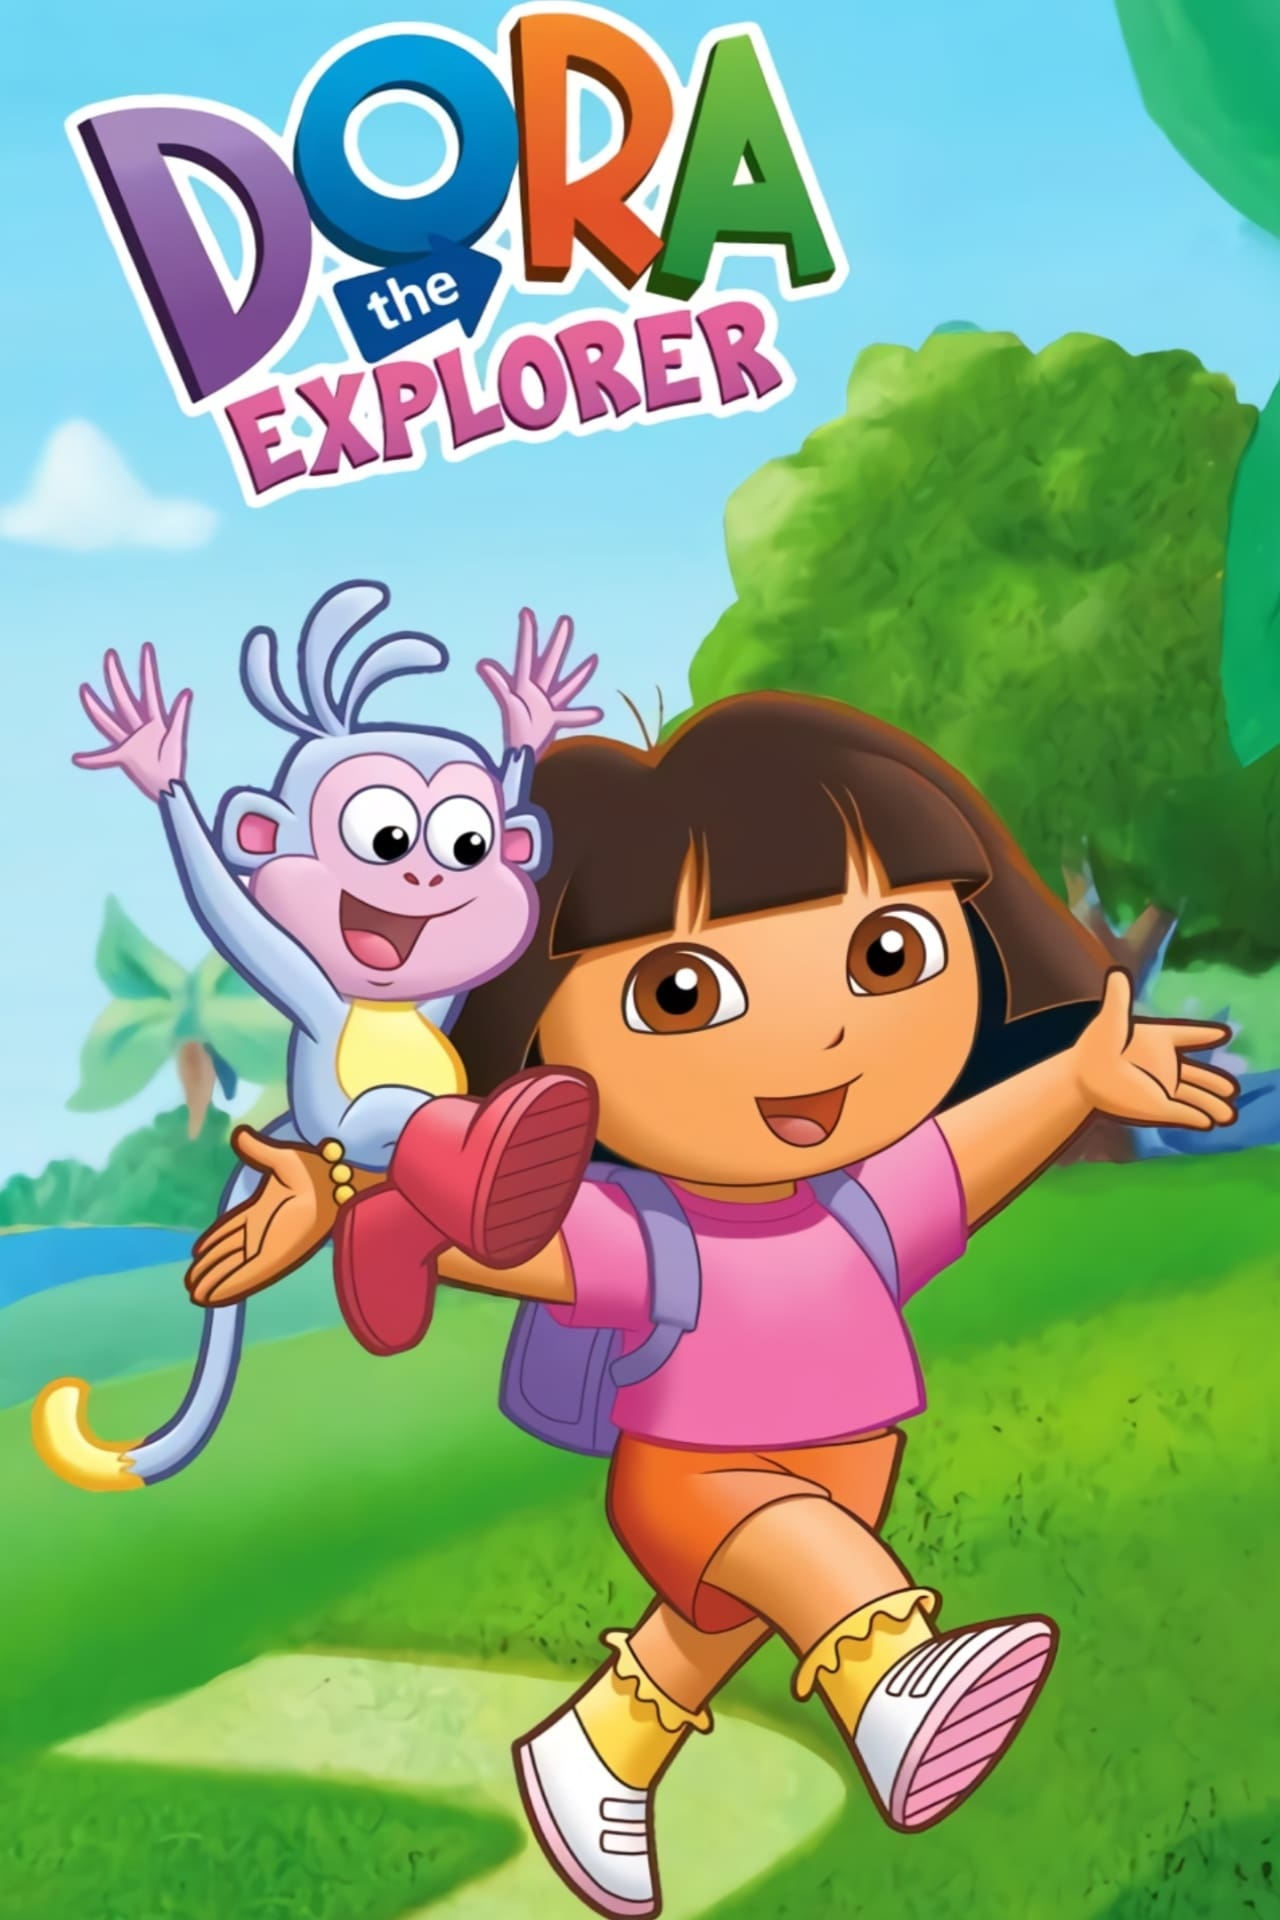 Dora the Explorer (2000)